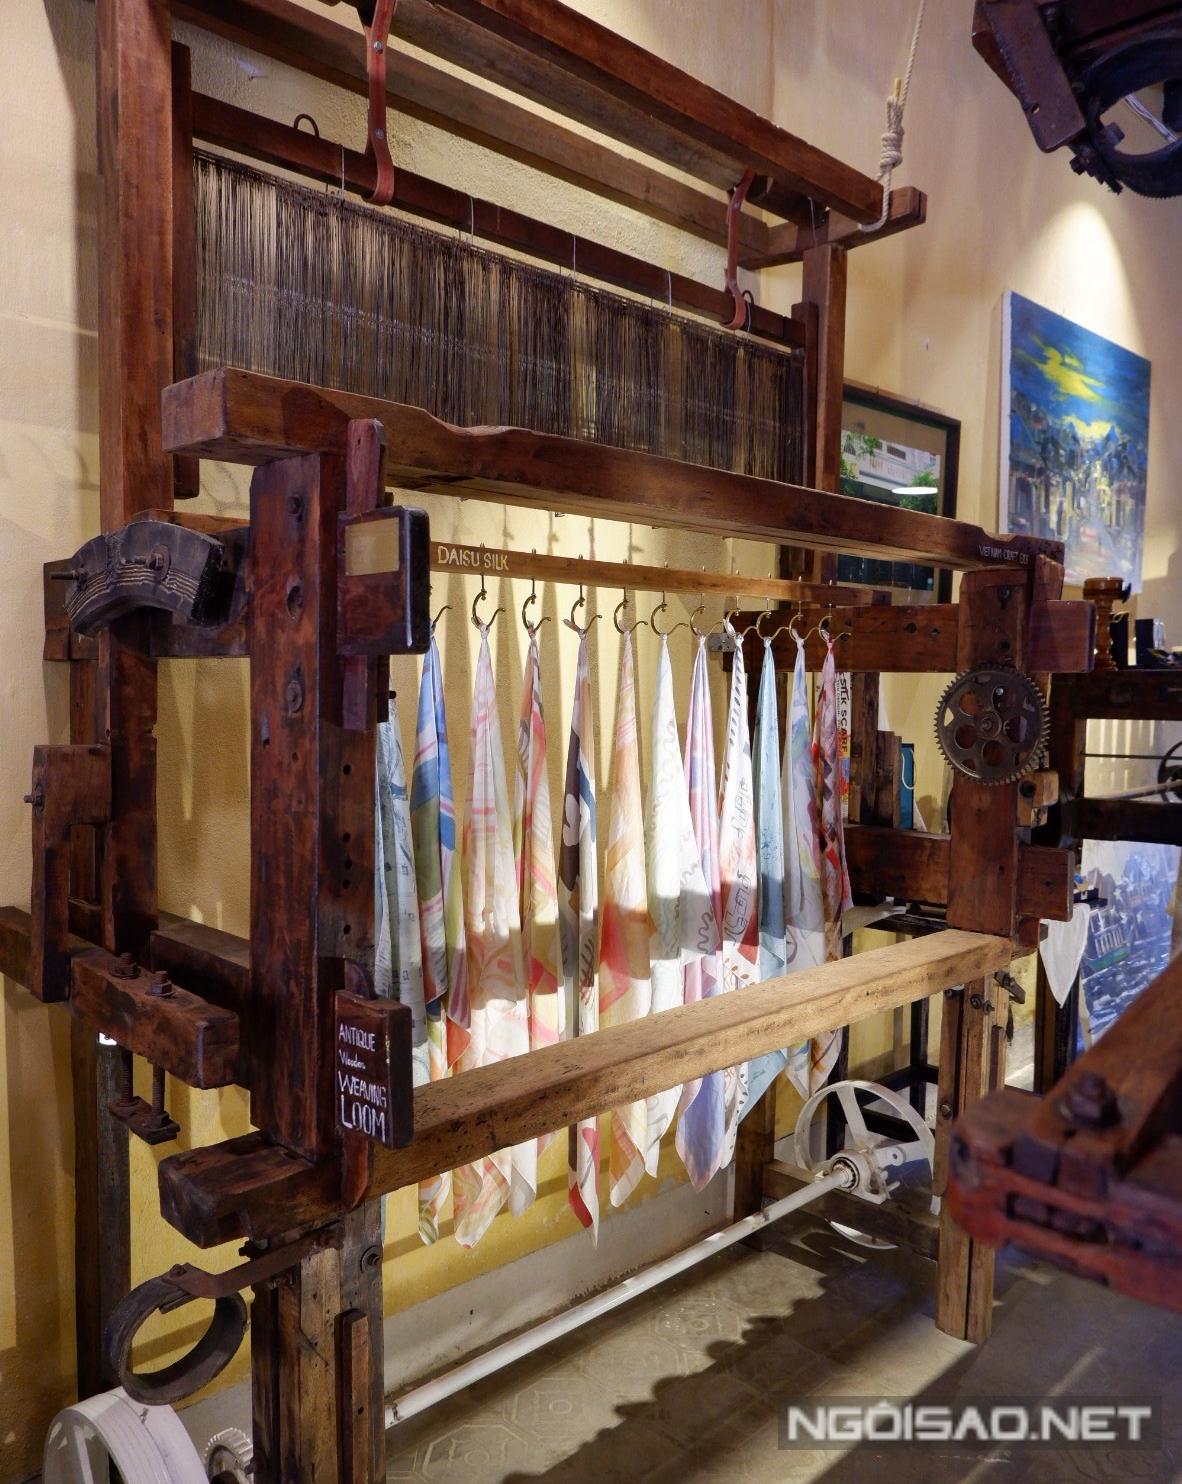 Du khách có thể mua vài sản phẩm tơ tằm về làm quà.